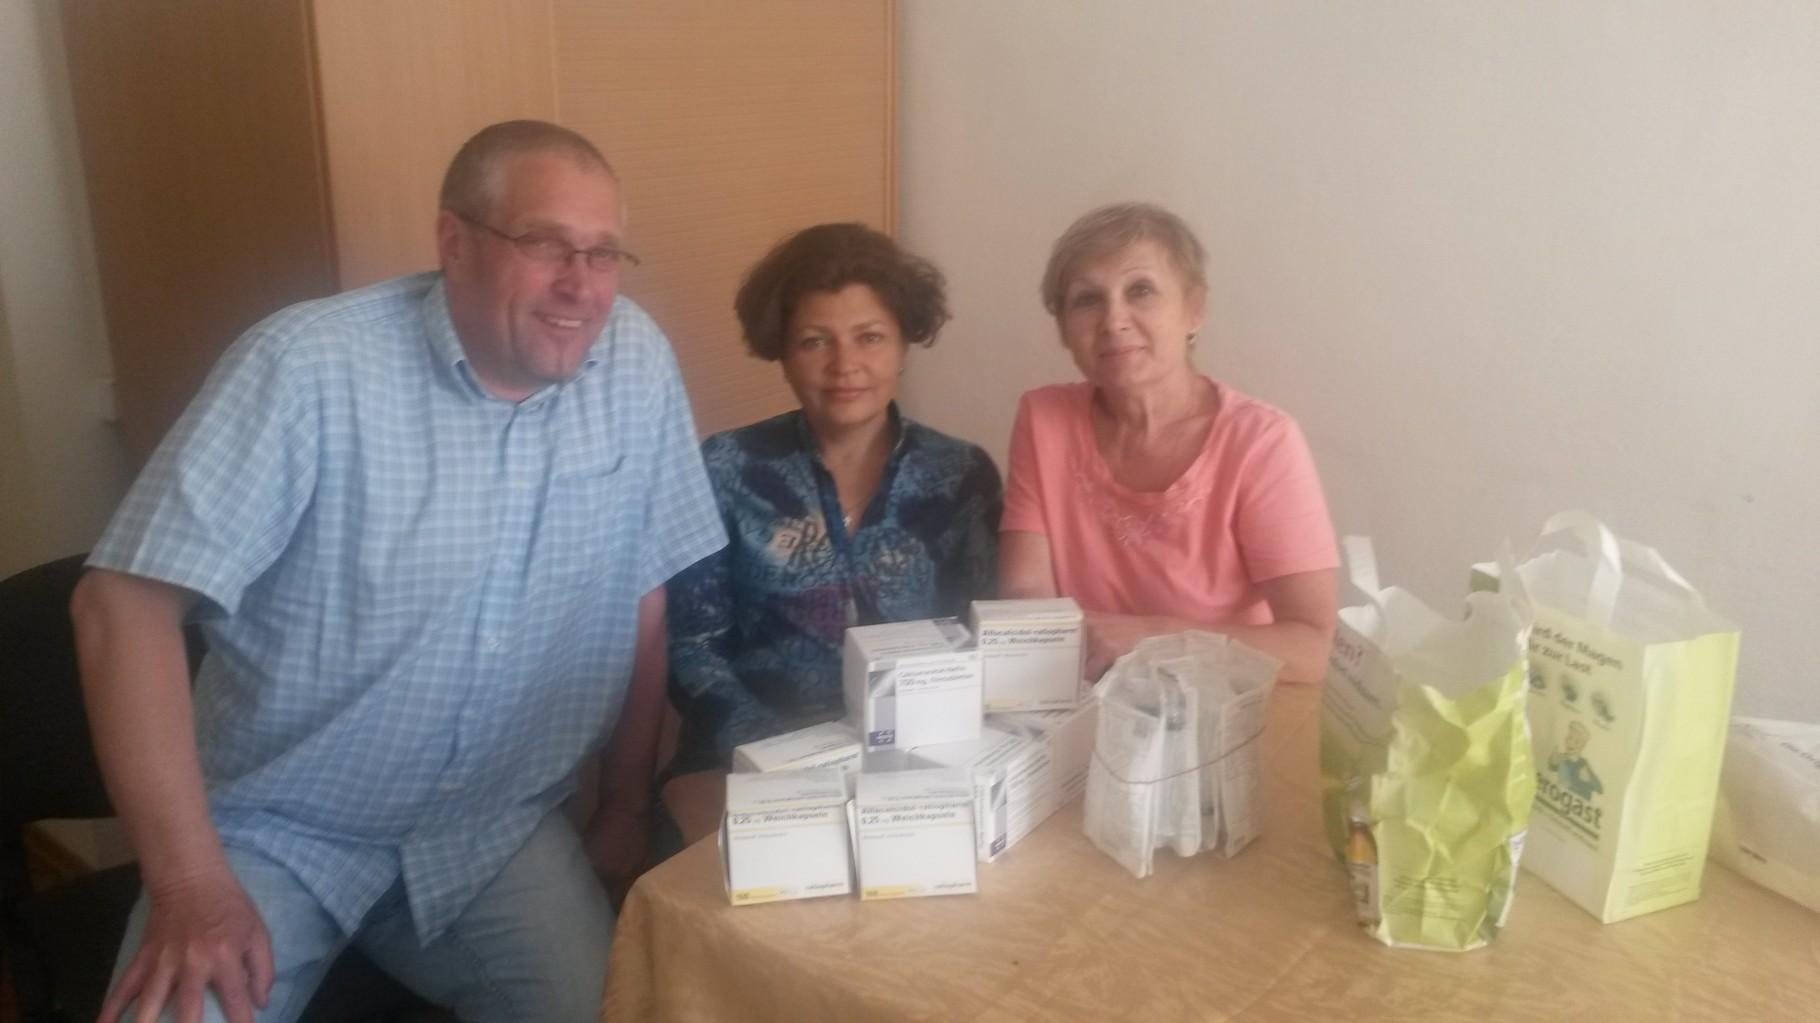 Nina, Tamara und ich bei der Medikamentenübergabe